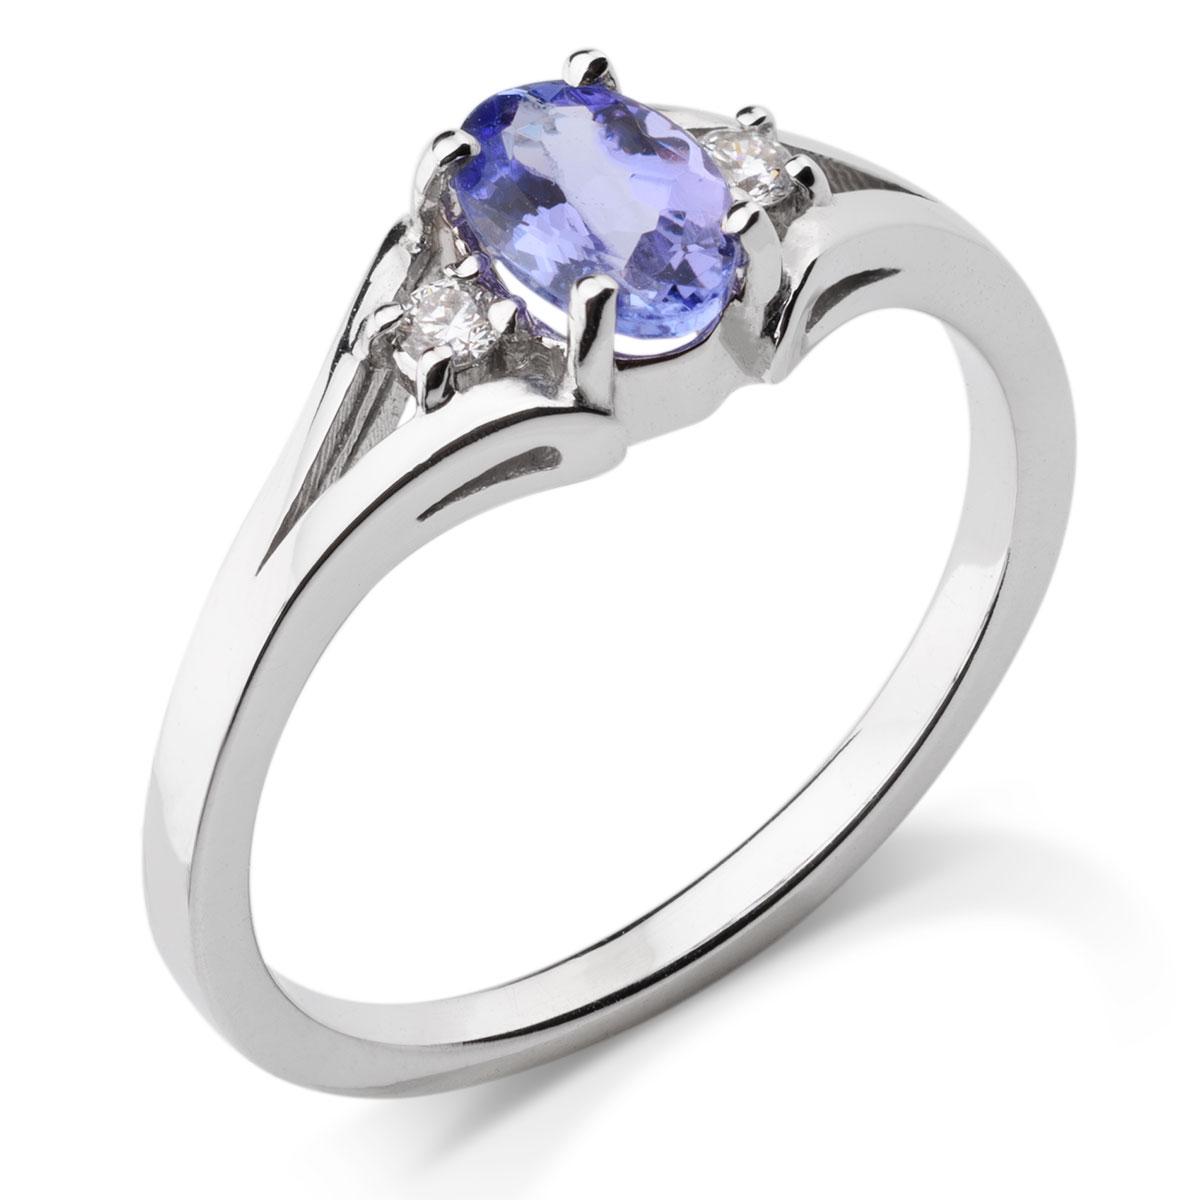 485791ffe7c6b5 Wyjątkowy złoty pierścionek z tanzanitem i brylantami